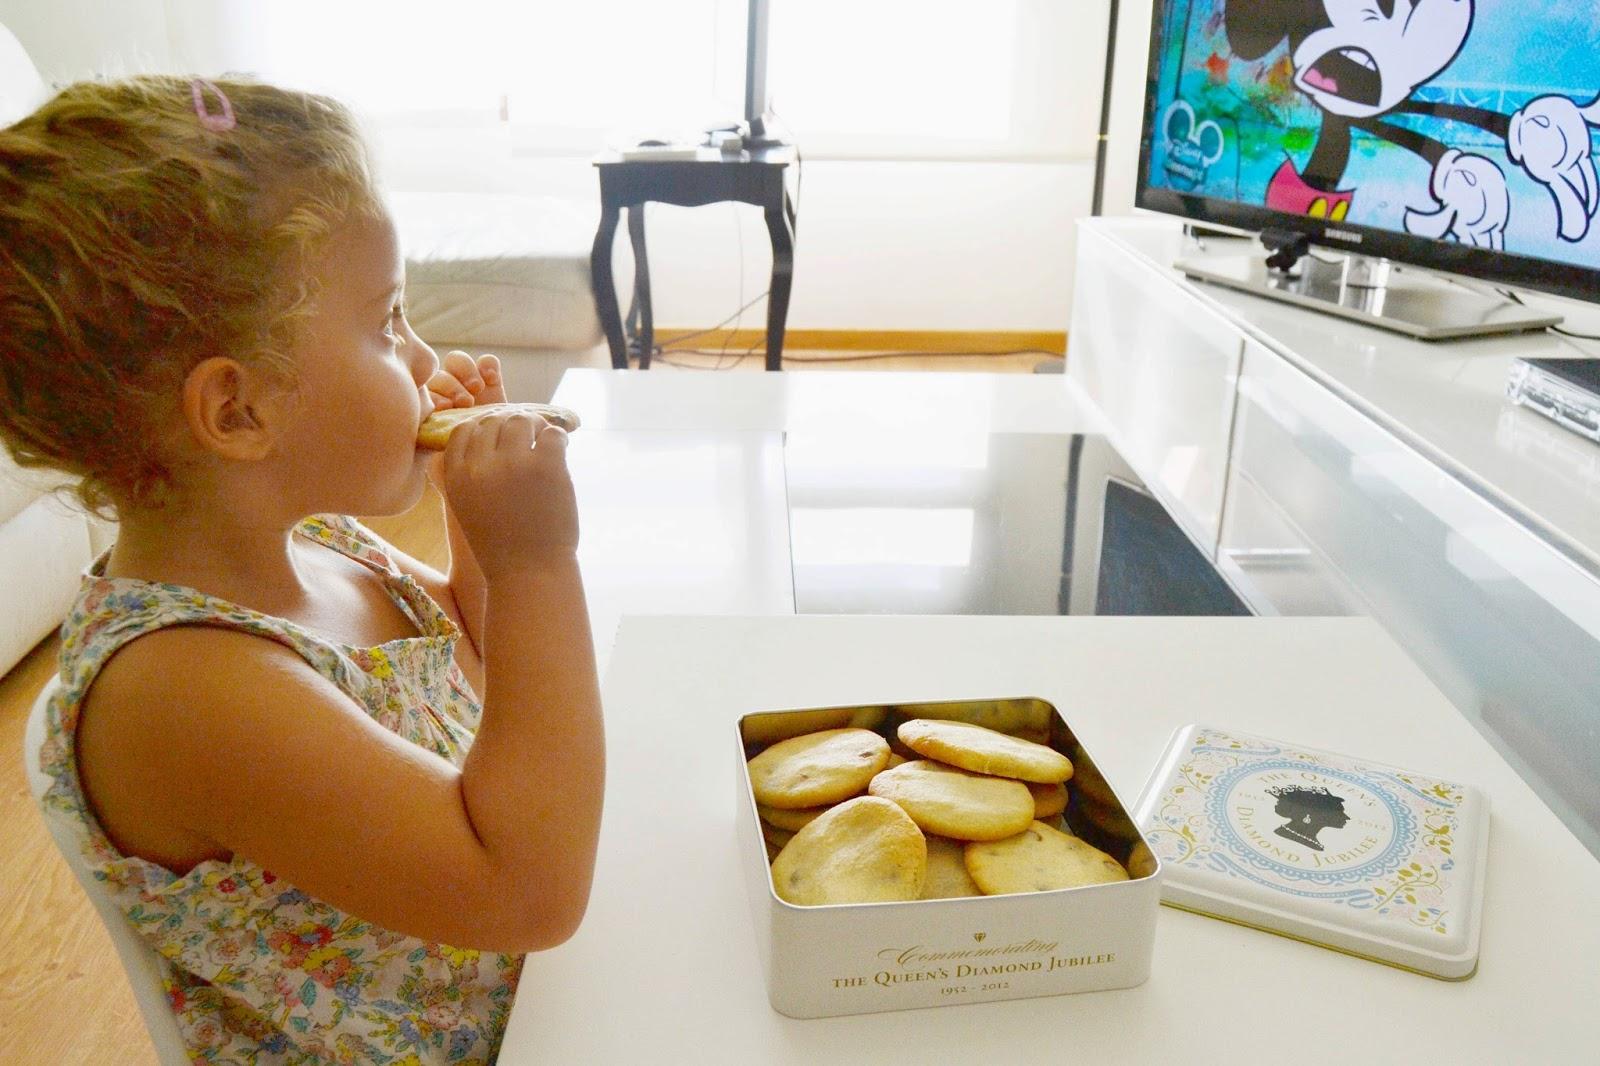 receta de cookies de chocolate blog mama de noa cocinar con niños